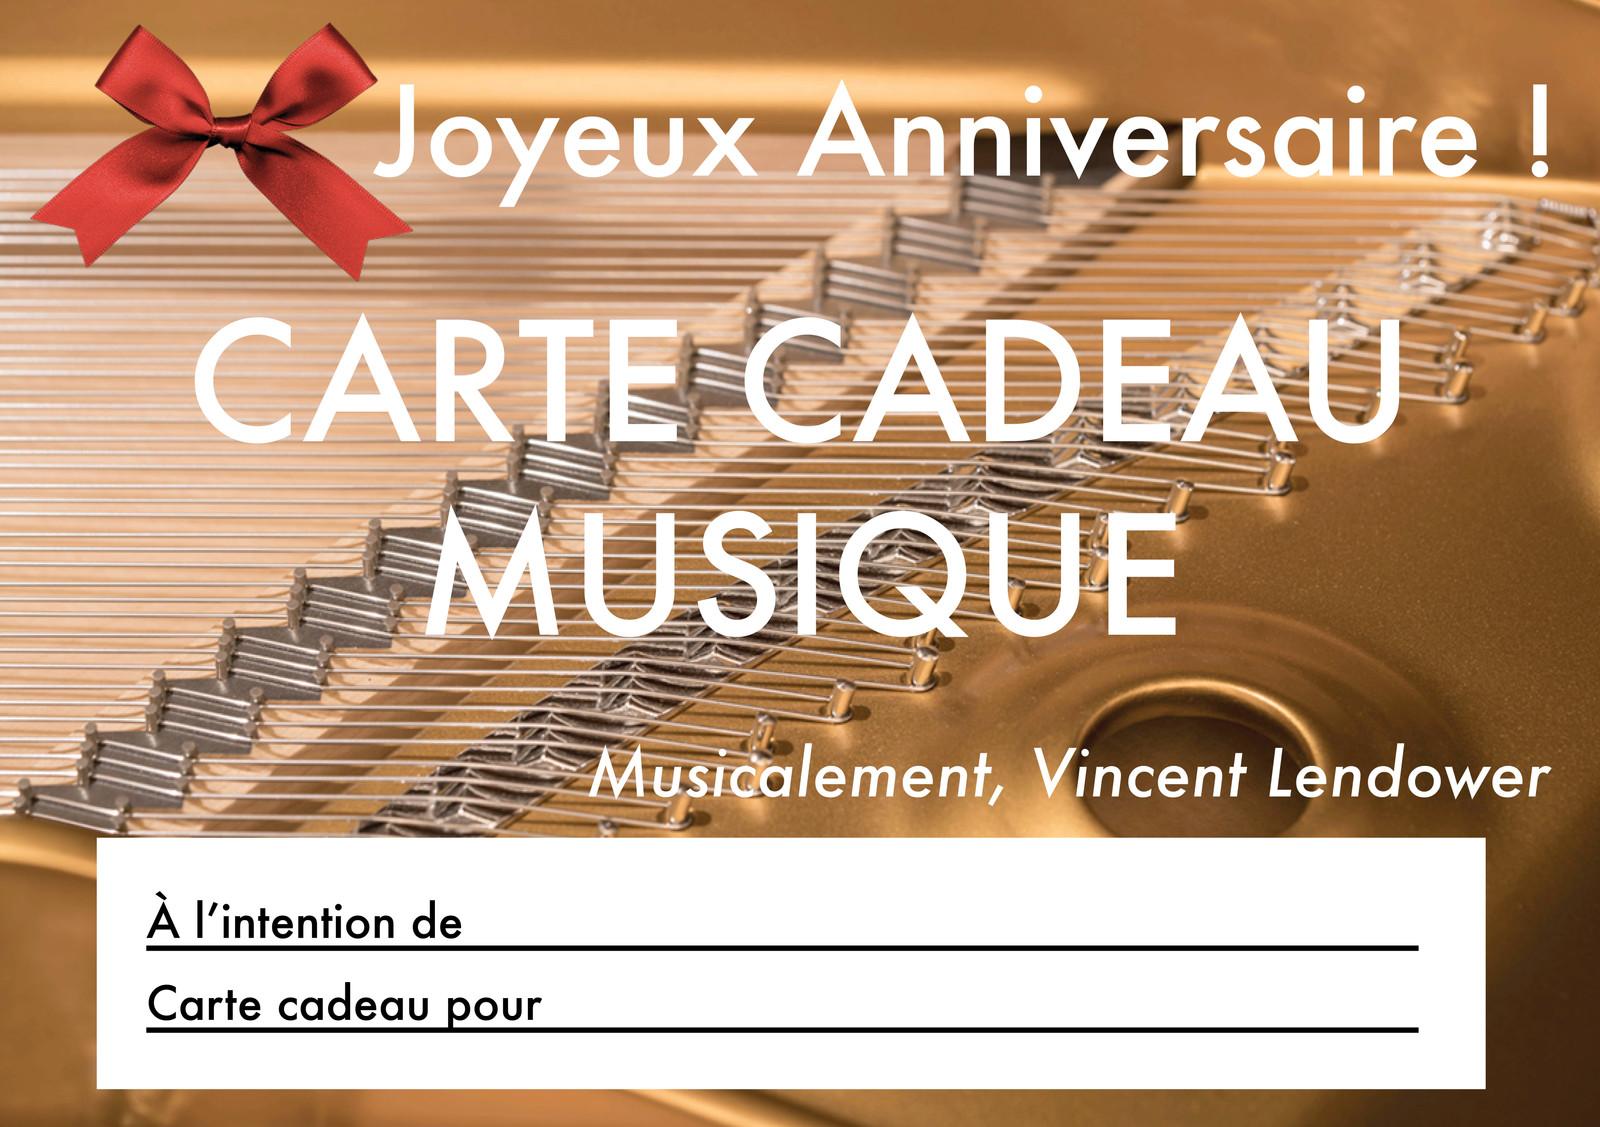 Vincent Lendower Cartes Cadeaux Musicaux